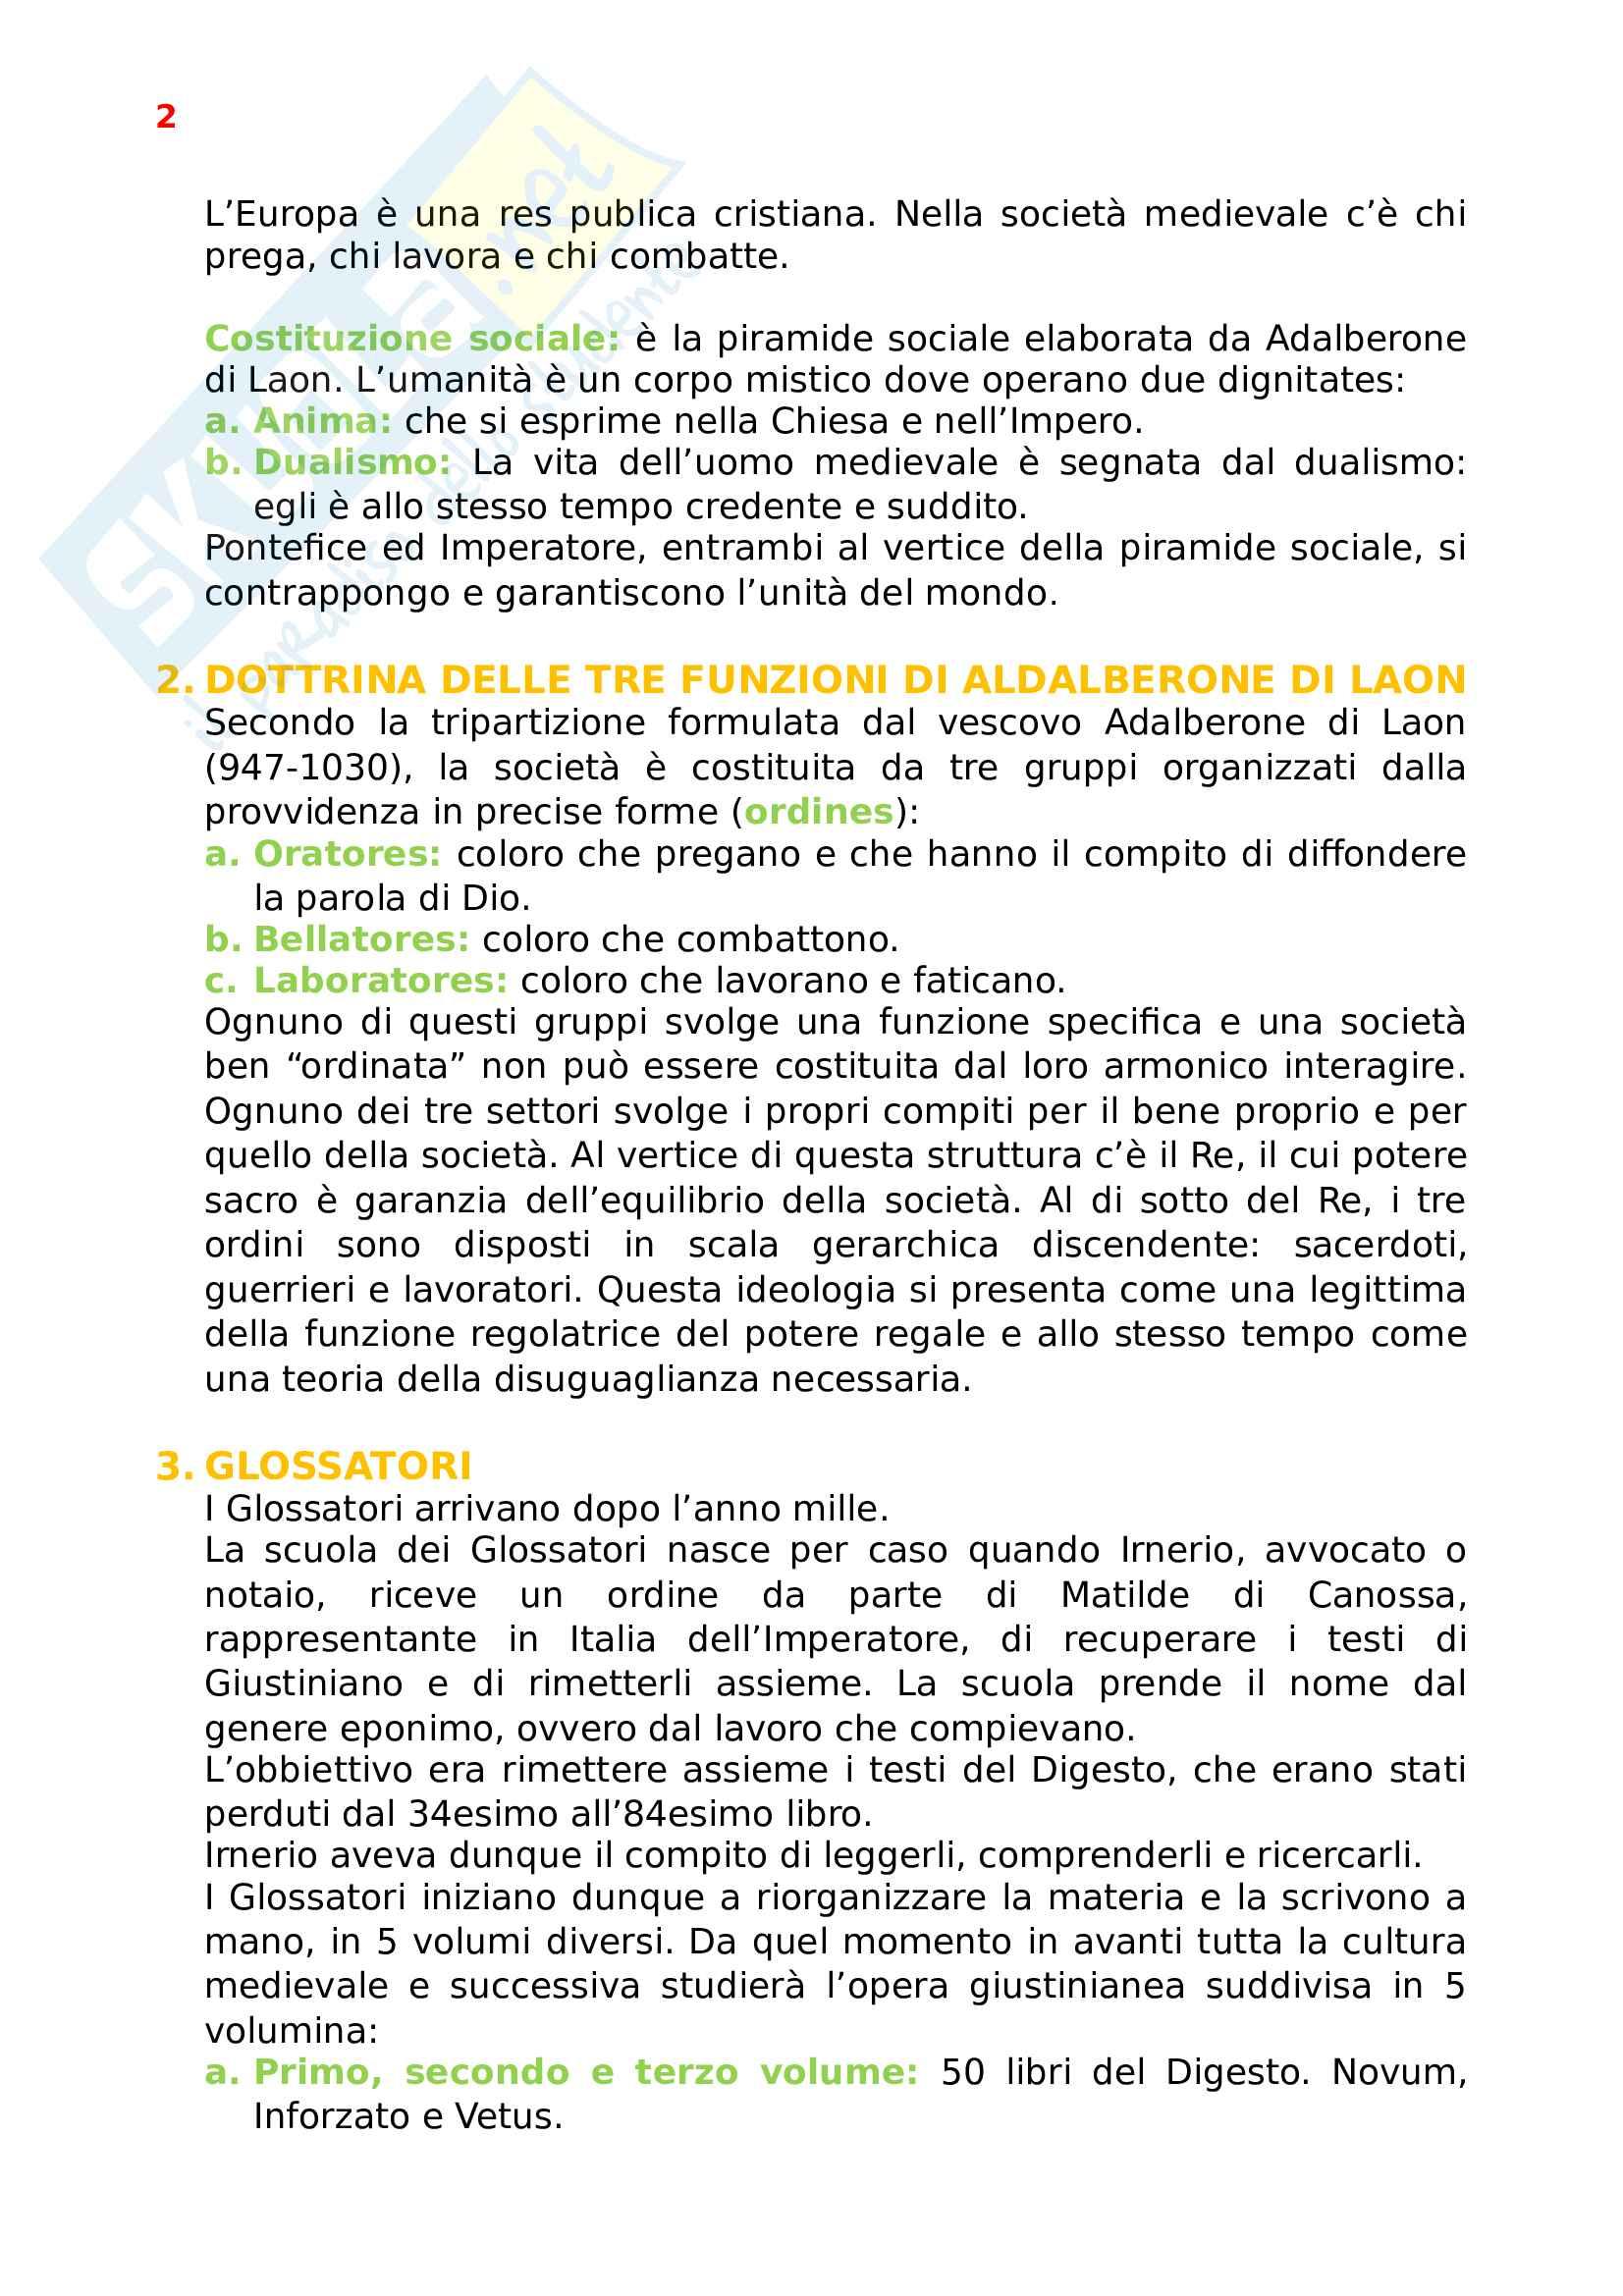 Appunti Storia del Diritto Medievale e Moderno - parte 1 Pag. 2